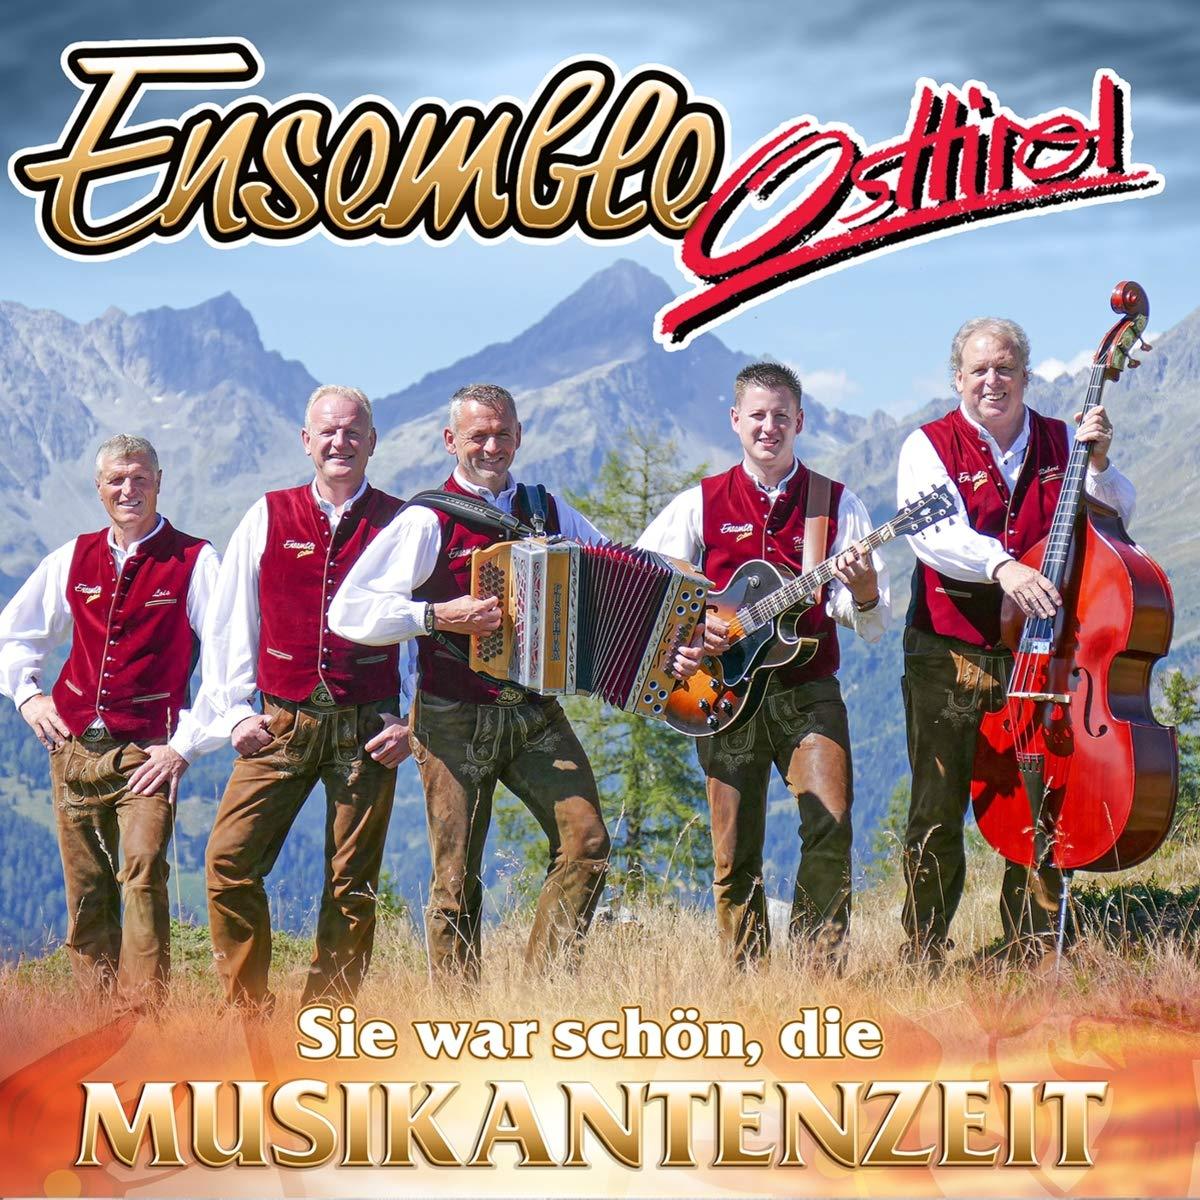 ENSEMBLE OSTTIROL * Sie war so schön, die Musikantenzeit (CD) - Das letzte Album